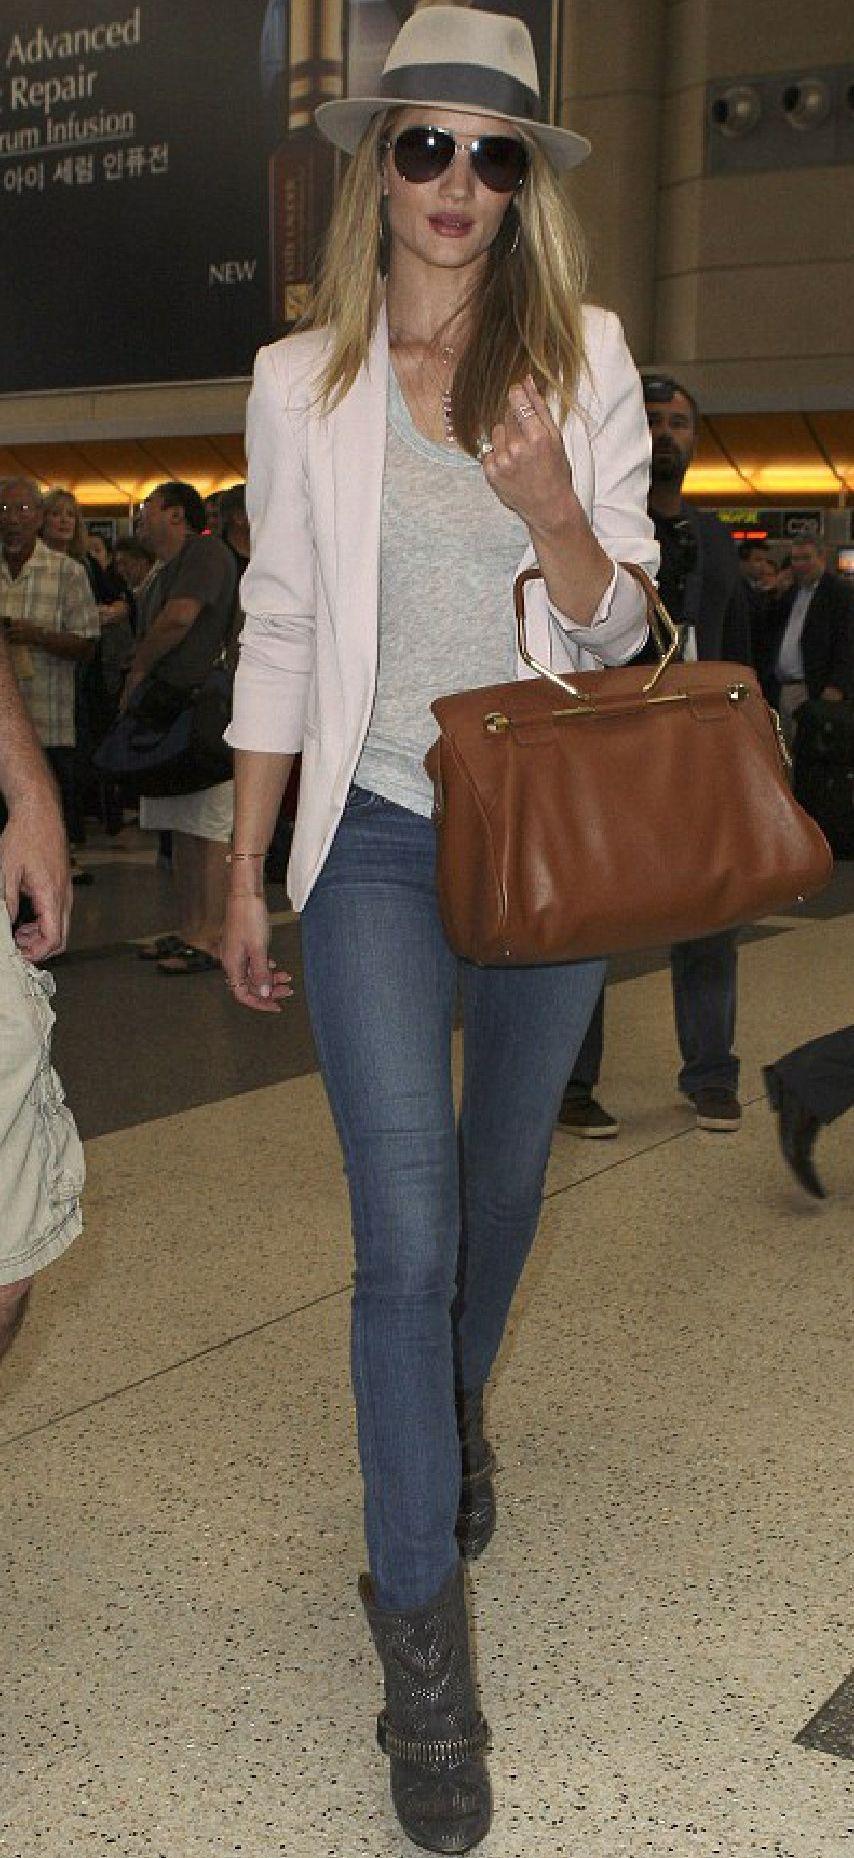 rosie-huttington-whitely-airport-style